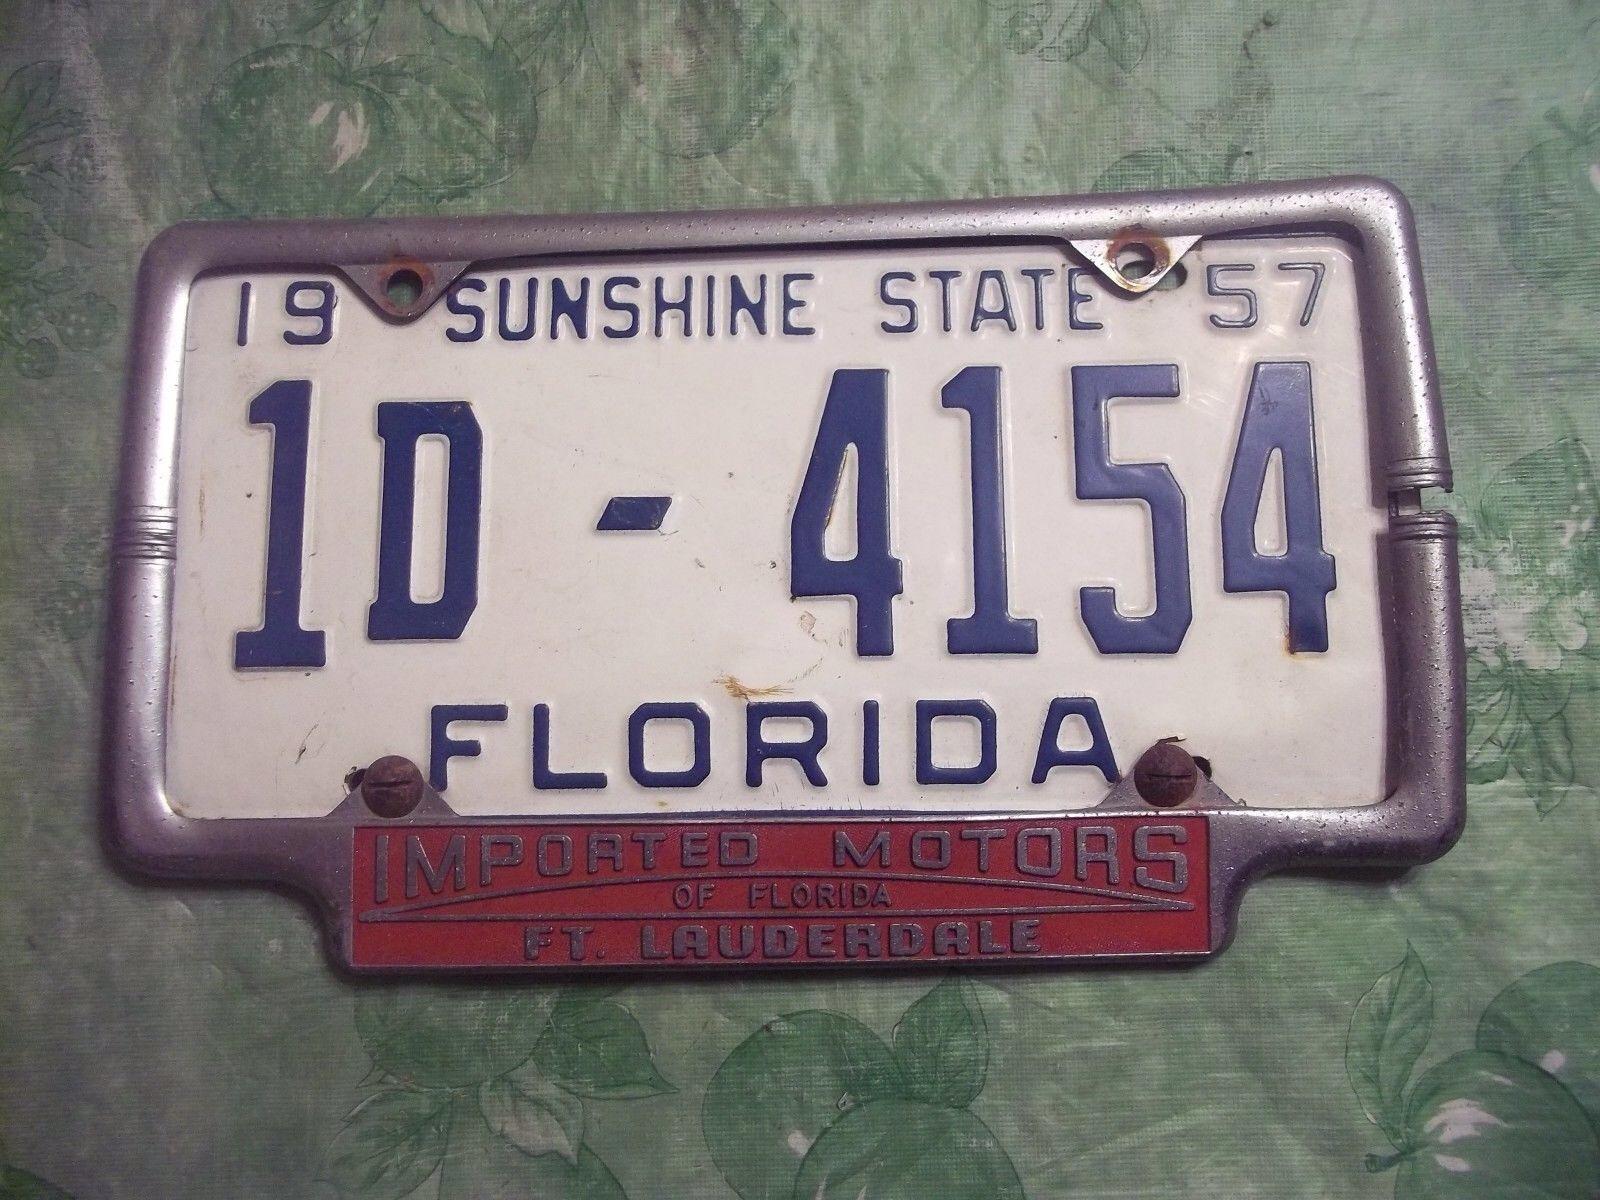 Imported Motors Inc. Ft. Lauderdale, FL